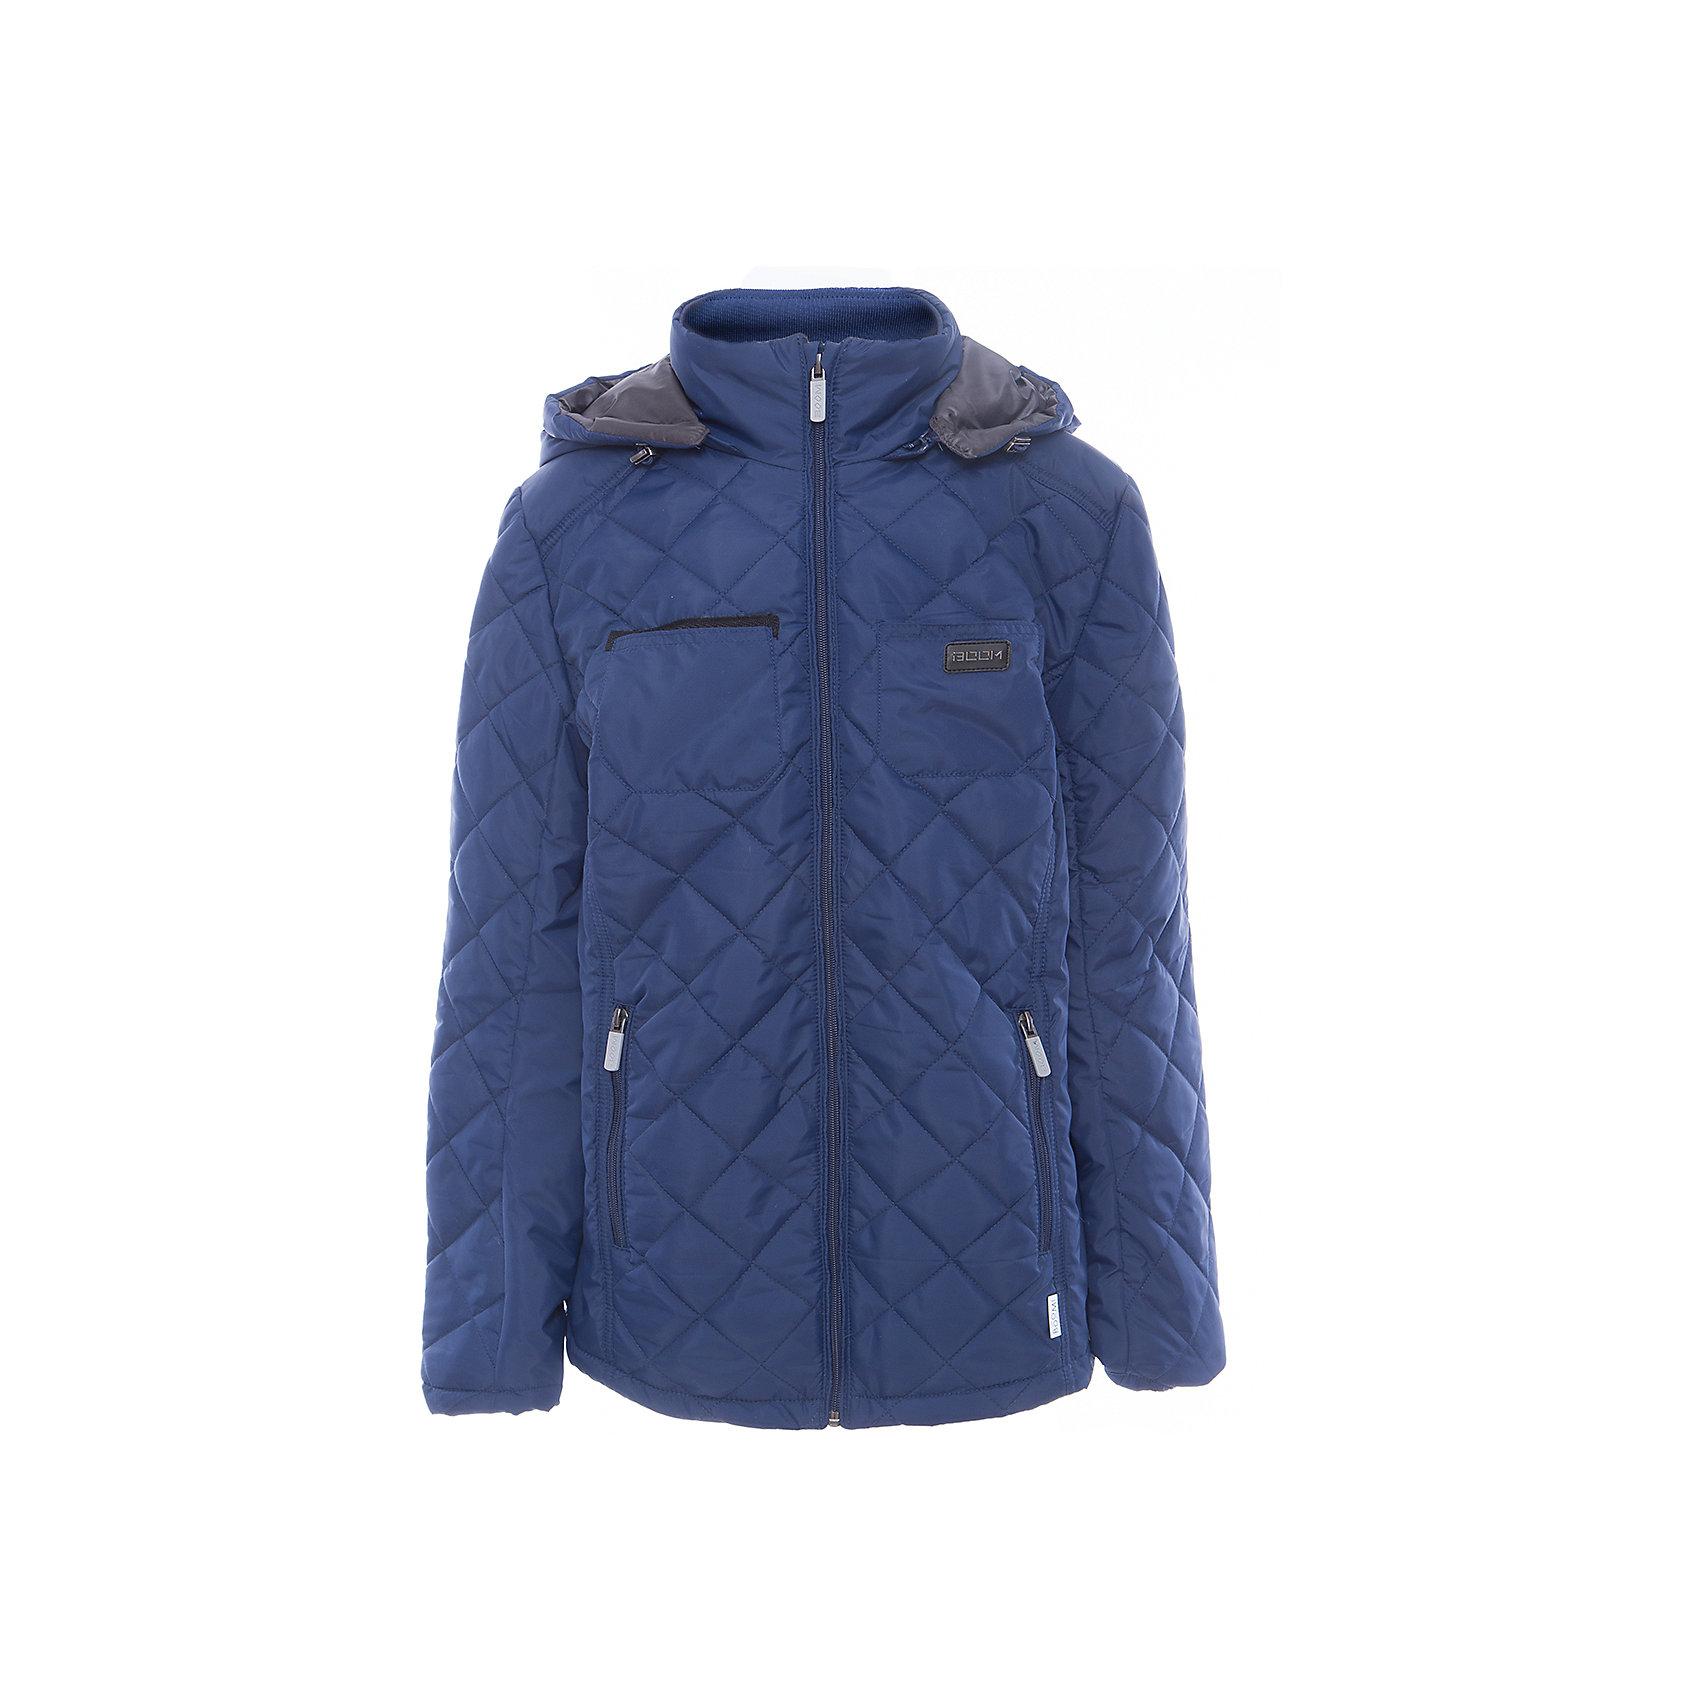 Куртка для мальчика BOOM by OrbyВерхняя одежда<br>Характеристики товара:<br><br>• цвет: синий<br>• состав: верх - таффета, подкладка - поликоттон, полиэстер, утеплитель: Flexy Fiber 150 г/м2<br>• карманы<br>• температурный режим: от -5 С° до +10 С° <br>• капюшон<br>• застежка - молния<br>• воротник-стойка<br>• комфортная посадка<br>• страна производства: Российская Федерация<br>• страна бренда: Российская Федерация<br>• коллекция: весна-лето 2017<br><br>Такая куртка- отличный вариант для походов в школу в межсезонье с его постоянно меняющейся погодой. Эта модель - модная и удобная одновременно! Изделие отличается стильным элегантным дизайном. Куртка хорошо сидит по фигуре, отлично сочетается с различным низом. Вещь была разработана специально для детей.<br><br>Одежда от российского бренда BOOM by Orby уже завоевала популярностью у многих детей и их родителей. Вещи, выпускаемые компанией, качественные, продуманные и очень удобные. Для производства коллекций используются только безопасные для детей материалы. Спешите приобрести модели из новой коллекции Весна-лето 2017! <br><br>Куртку для мальчика от бренда BOOM by Orby можно купить в нашем интернет-магазине.<br><br>Ширина мм: 356<br>Глубина мм: 10<br>Высота мм: 245<br>Вес г: 519<br>Цвет: синий<br>Возраст от месяцев: 60<br>Возраст до месяцев: 72<br>Пол: Мужской<br>Возраст: Детский<br>Размер: 116,170,122,128,134,140,146,152,158,164<br>SKU: 5343478